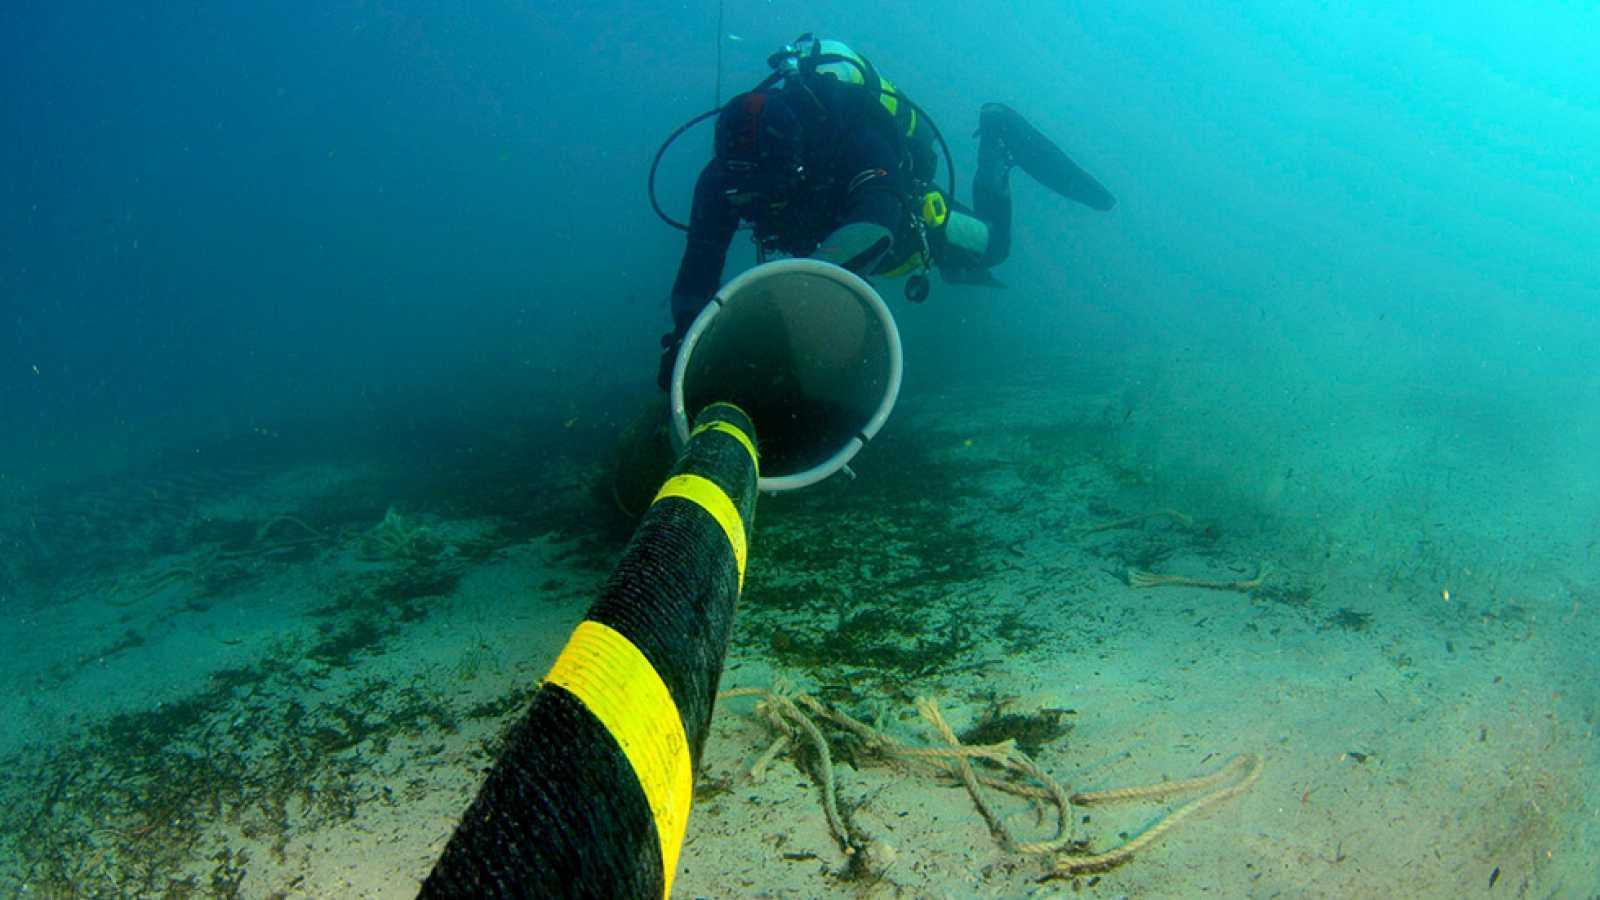 Amigos de la onda corta - Cables submarinos - 19/11/20 - escuchar ahora